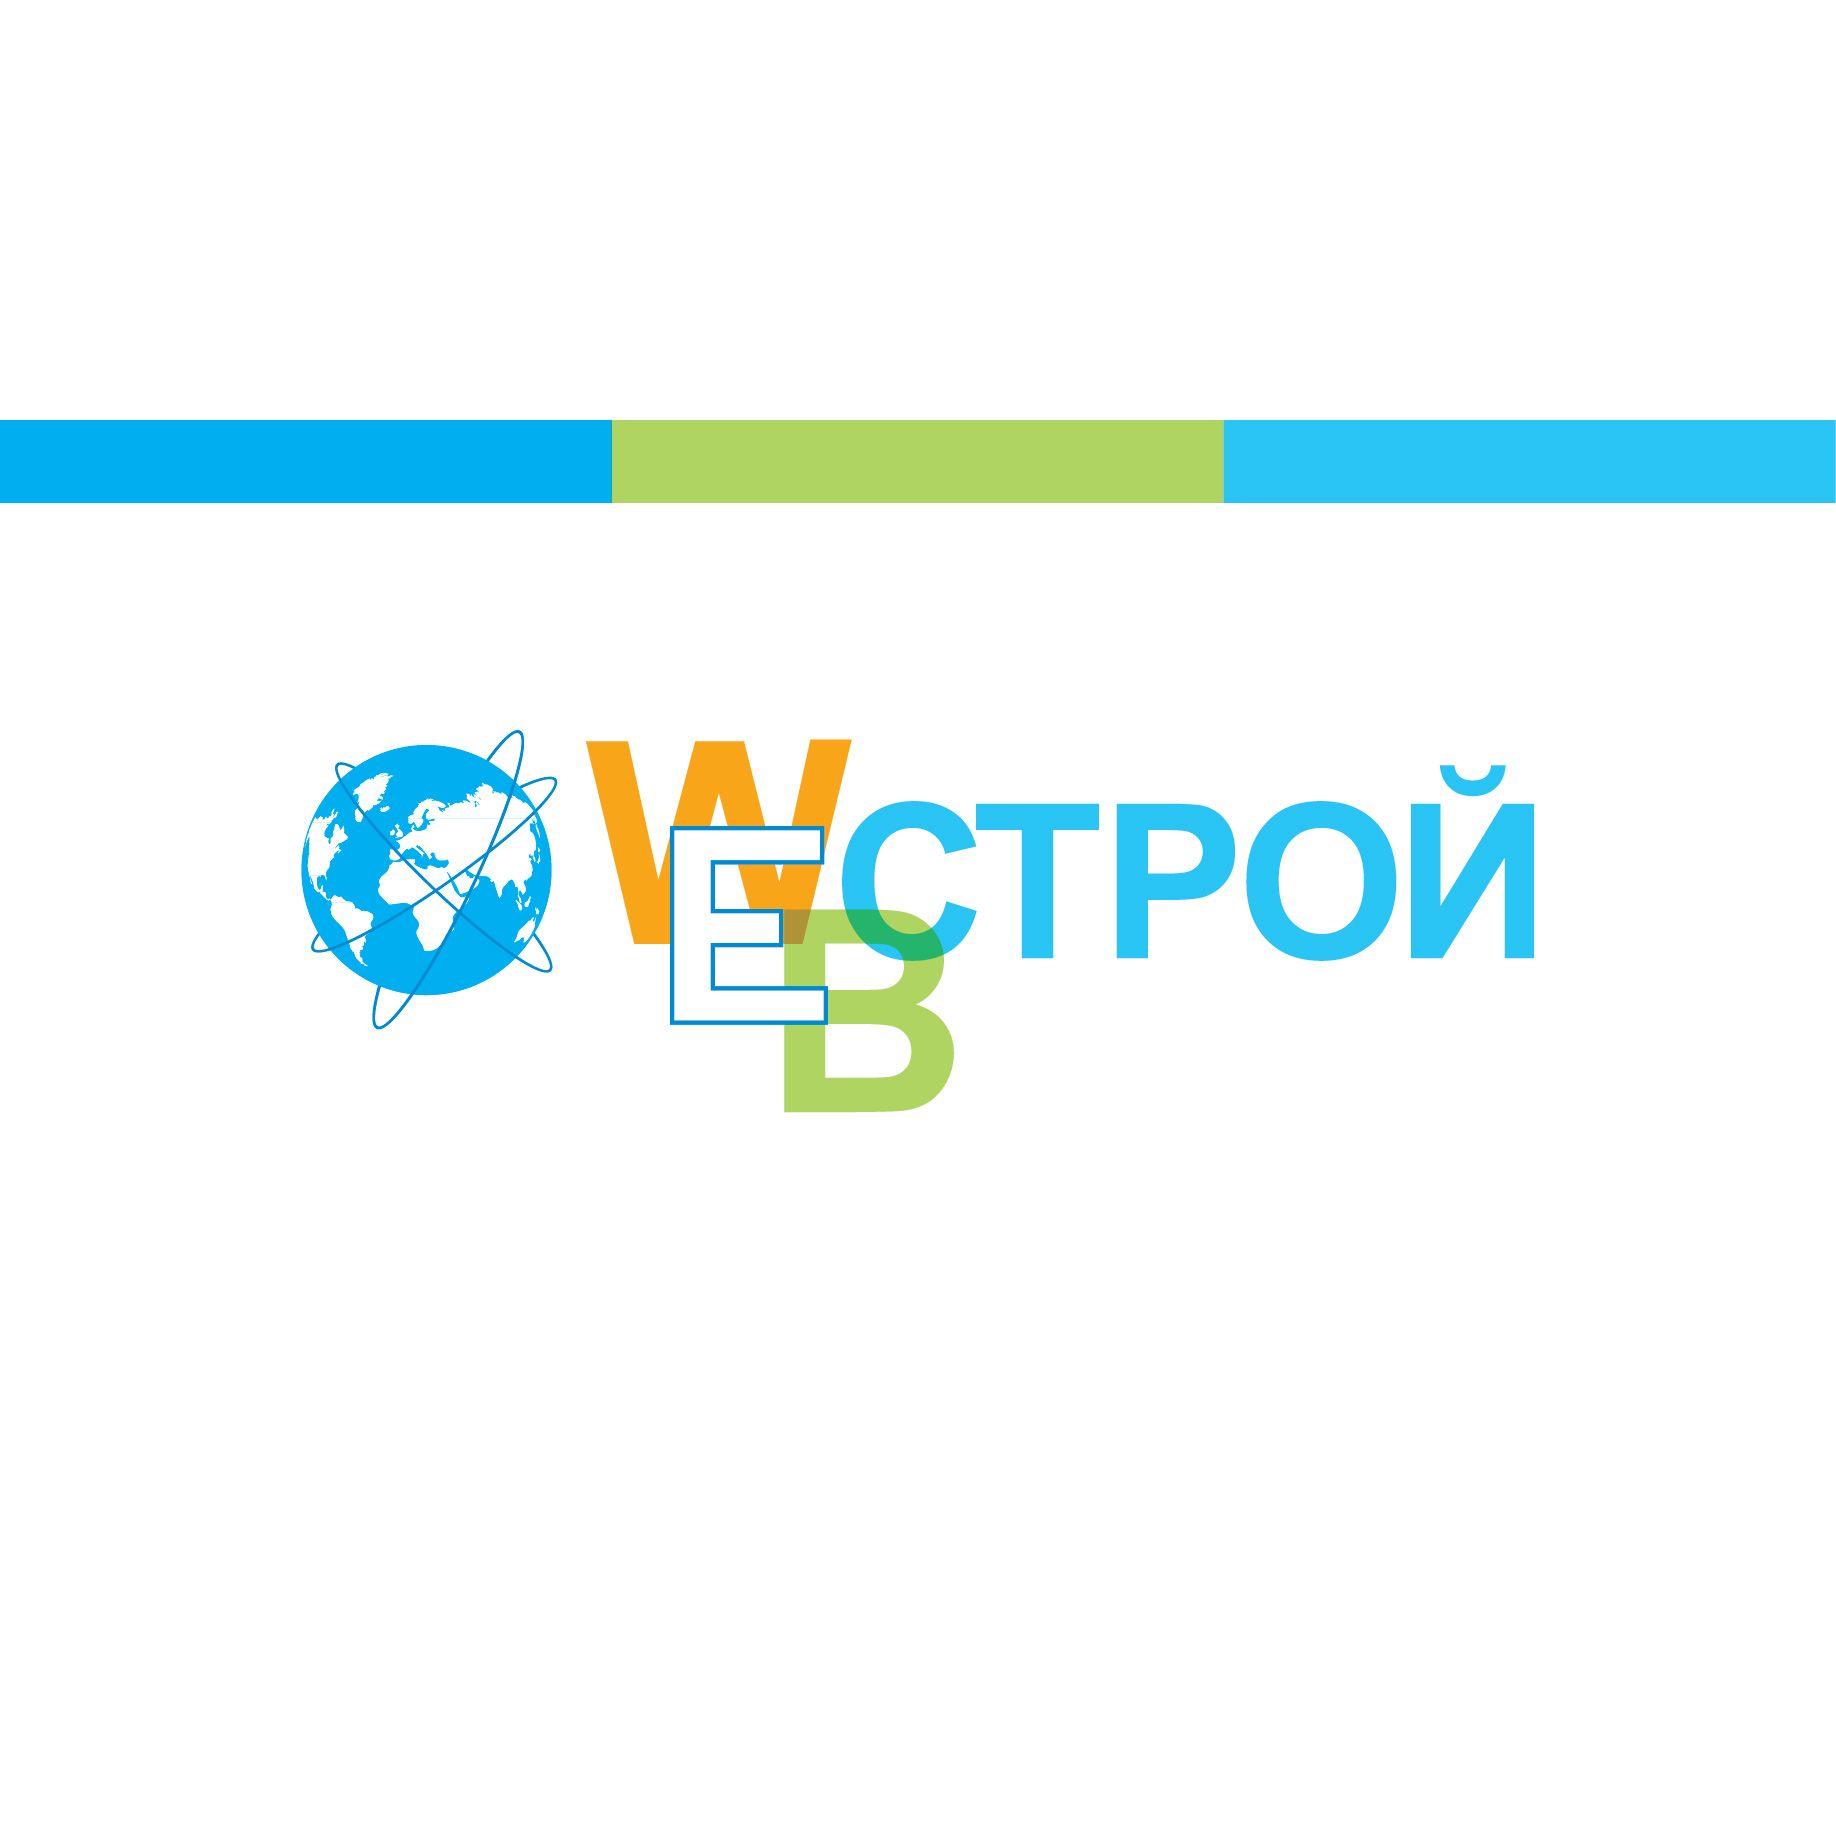 Логотип интернет-агентства - дизайнер Juliette_D